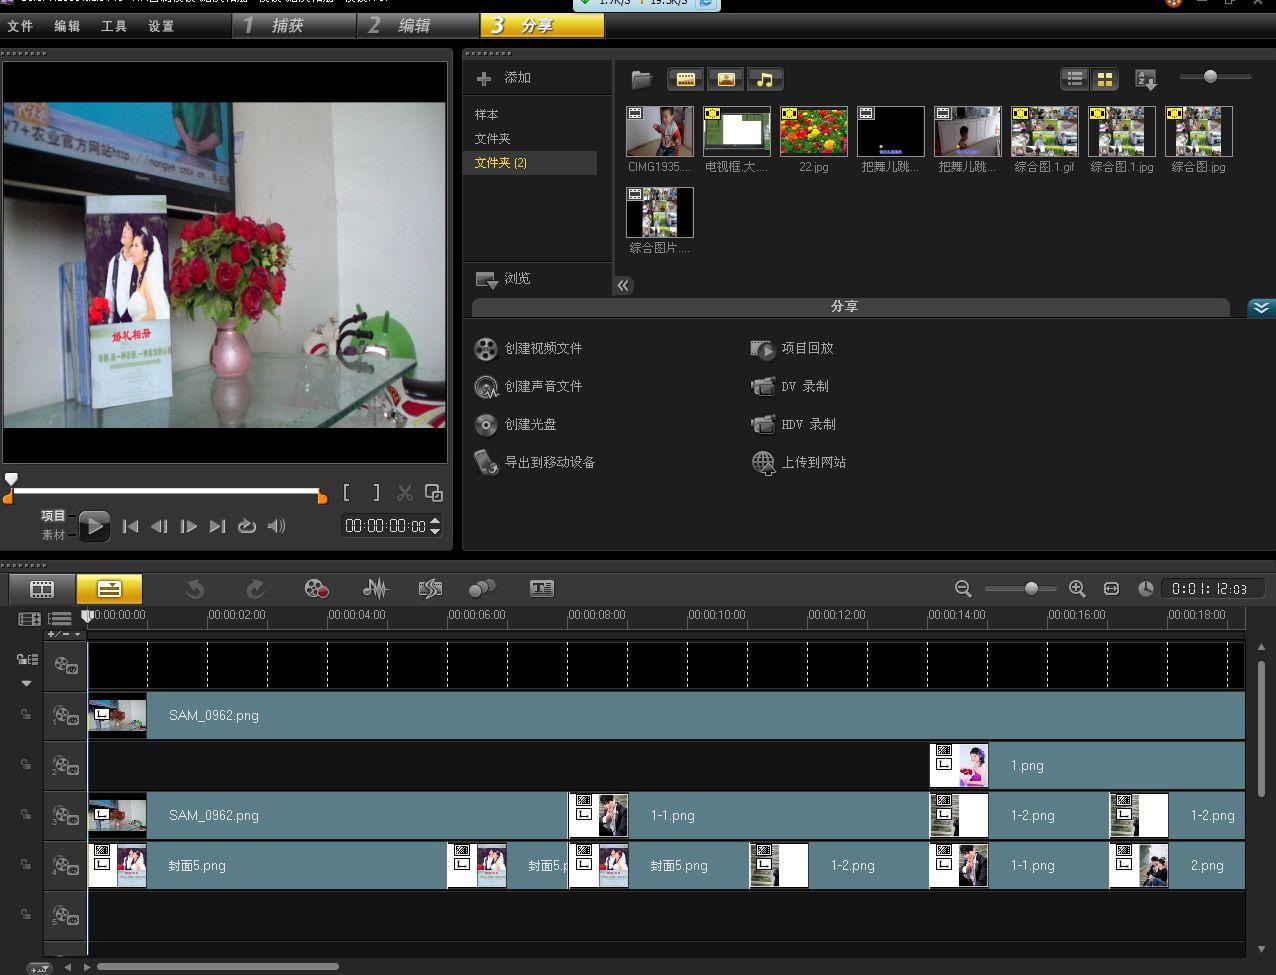 视频剪辑APP开发需要有哪些功能